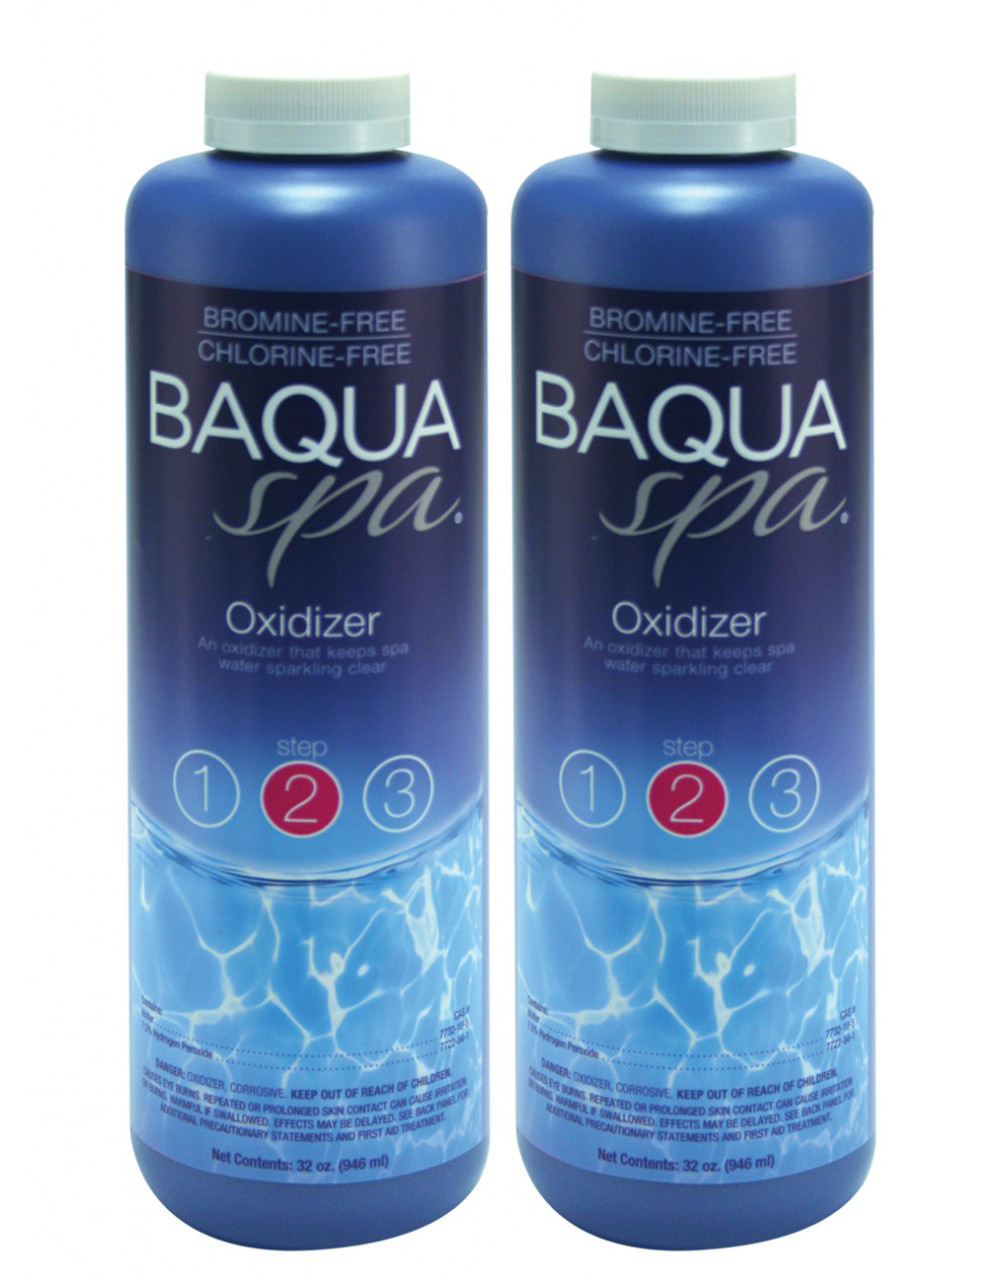 Baqua Spa Oxidizer 2 Qty X 32 Oz Lowest Price